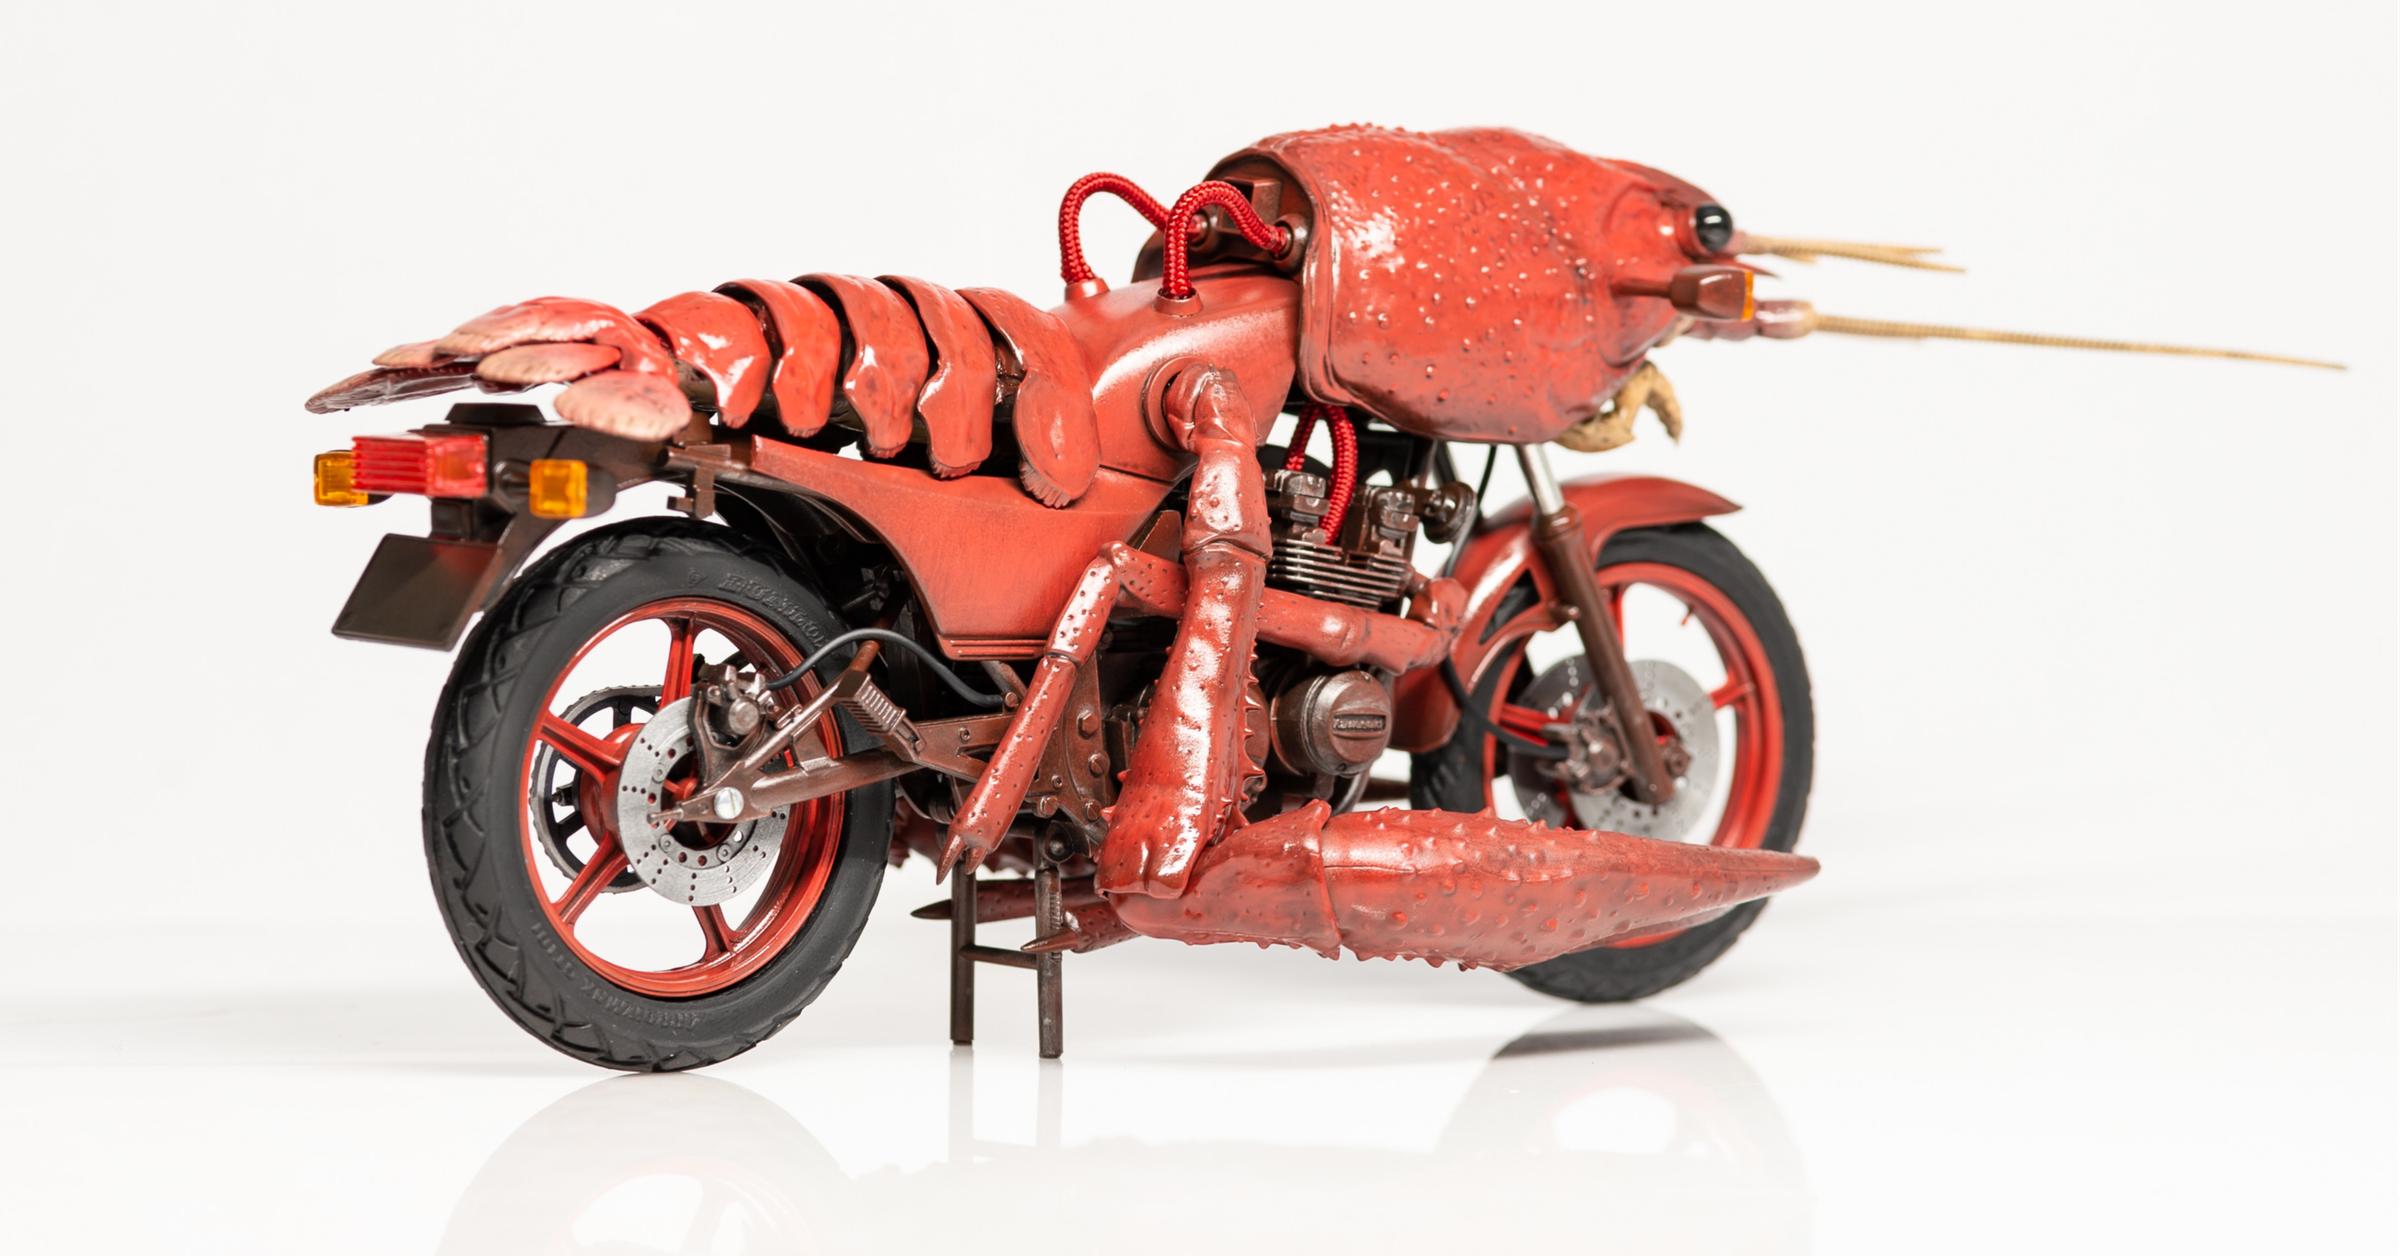 照片中包含了摩托車、藤見桃木、藤見模型小龍蝦紅色編碼塑料模型NO.24、青島文佳共濟、フジミ